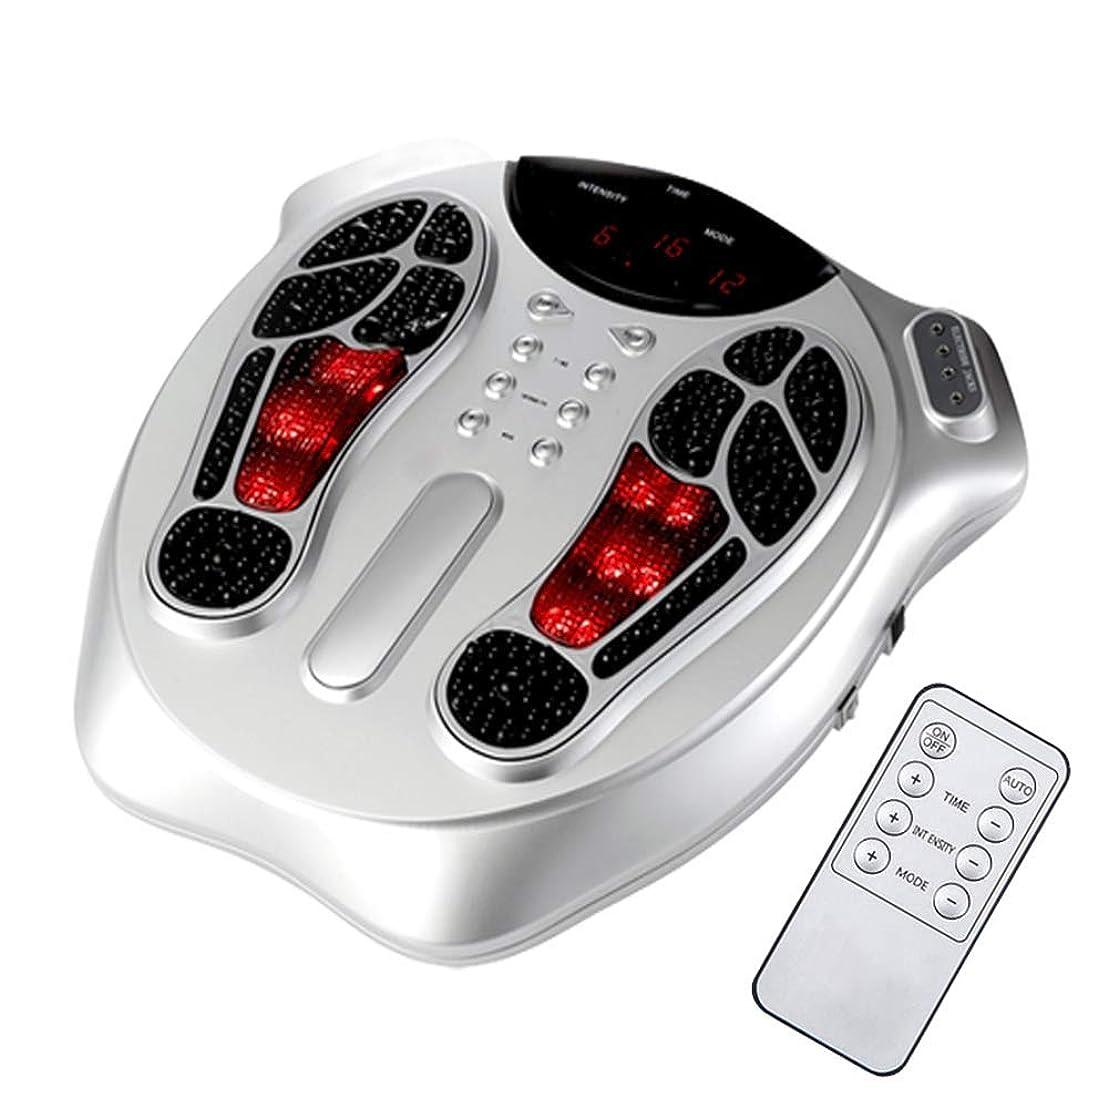 熟す商品ミンチLiuliangmei電磁波強度歩数計15ボディワークマシンボディセラピーマシン99の腕と痛みに頼るマッサージモード